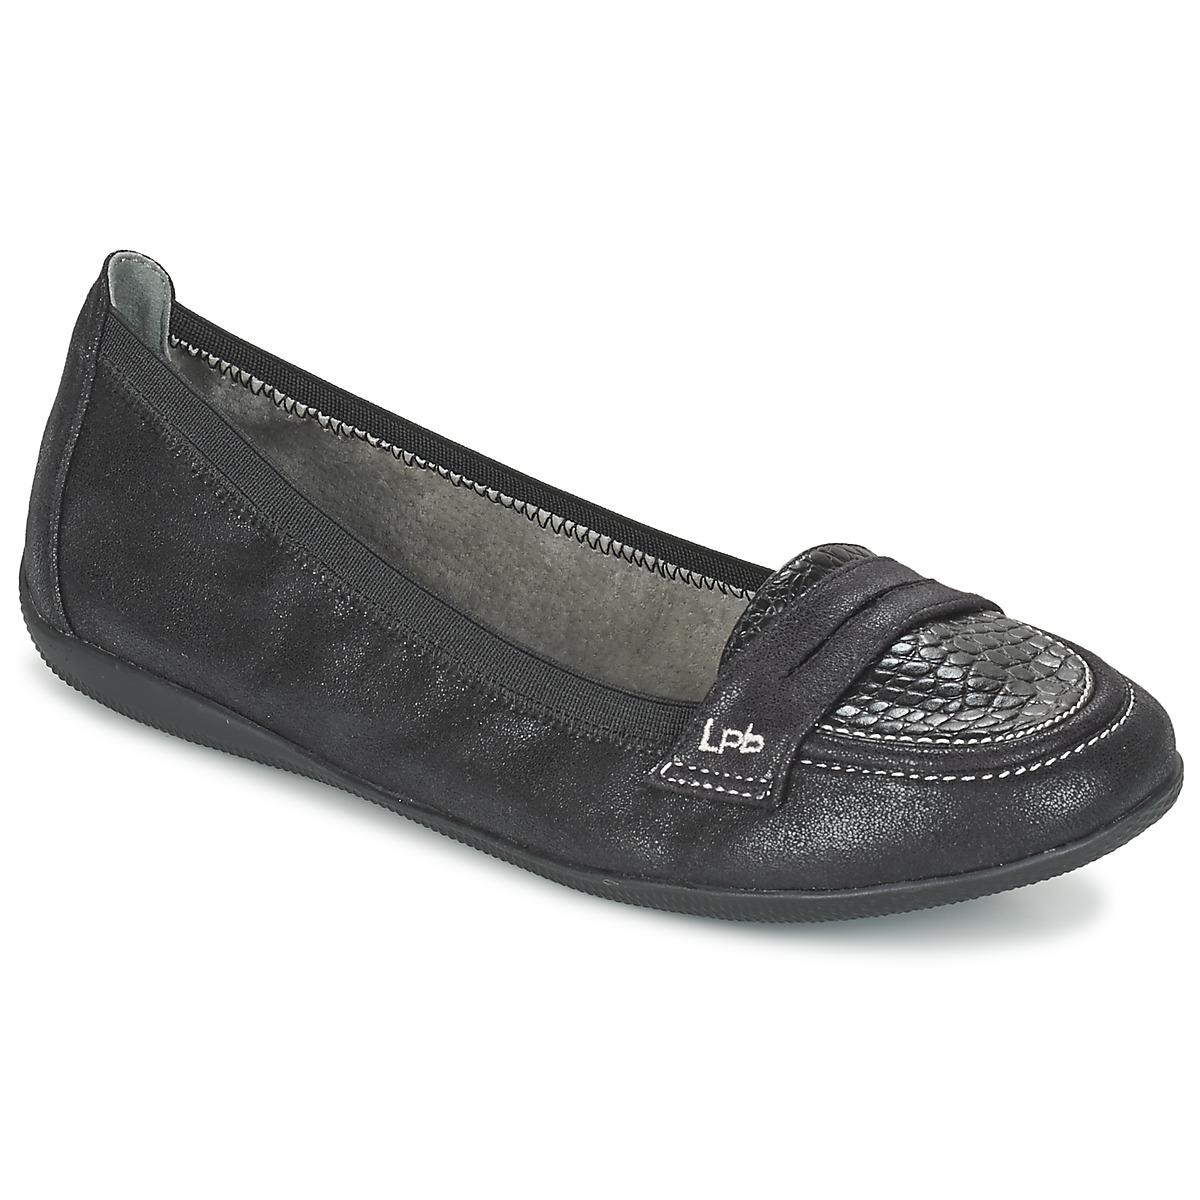 les p 39 tites bombes aloa noir chaussure pas cher avec chaussures mocassins femme. Black Bedroom Furniture Sets. Home Design Ideas